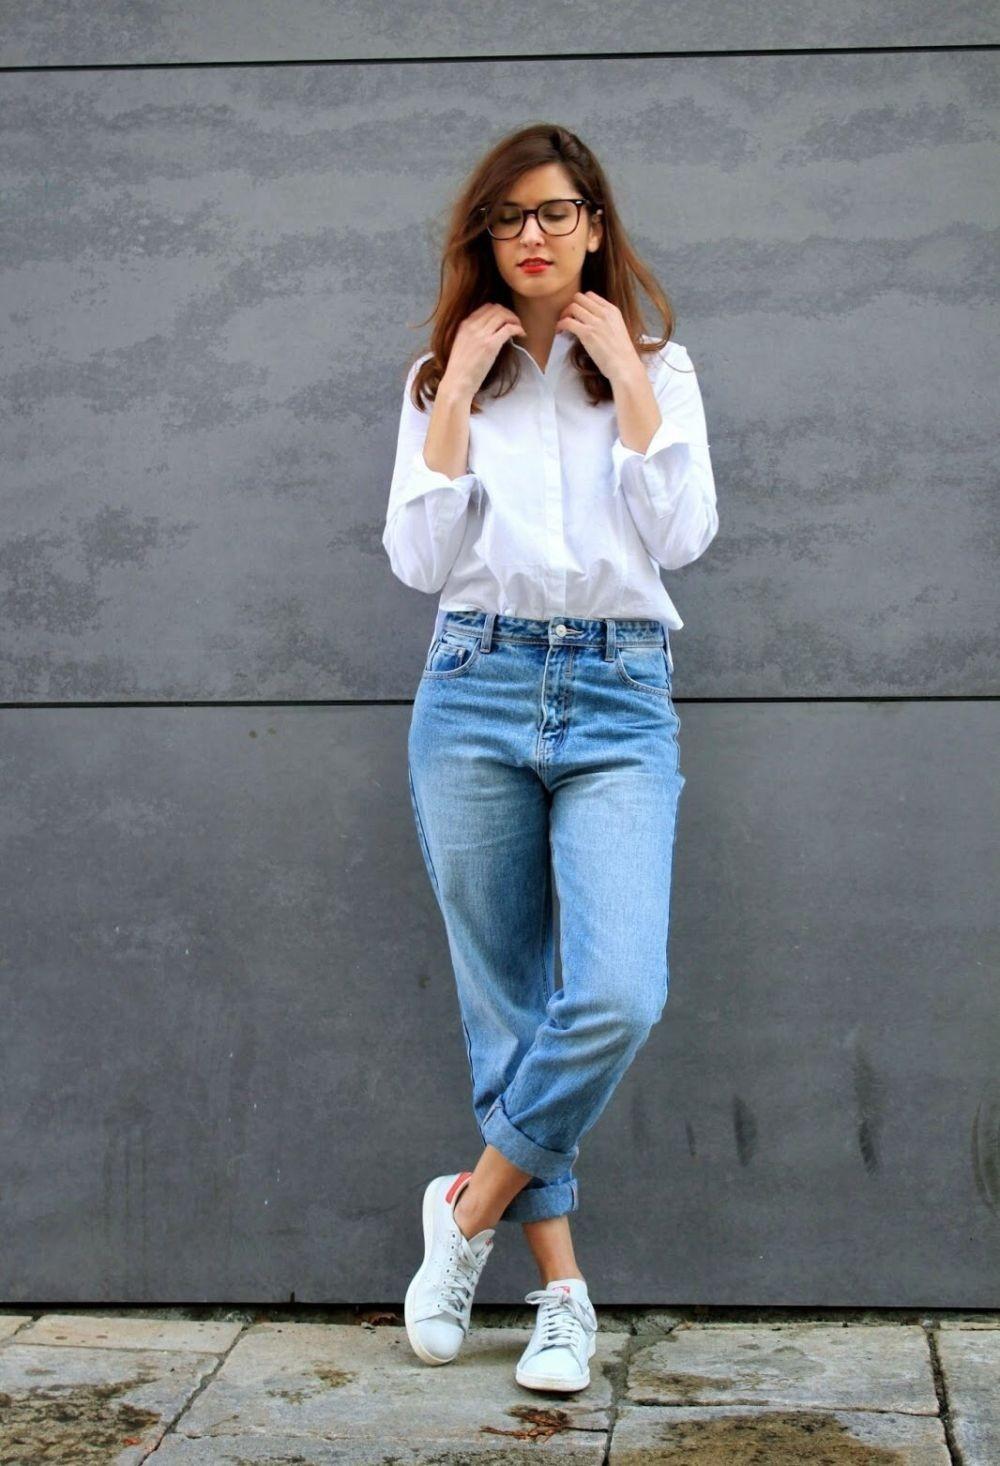 какие джинсы в моде в 2018 женские: бойфренды с подворотом голубые